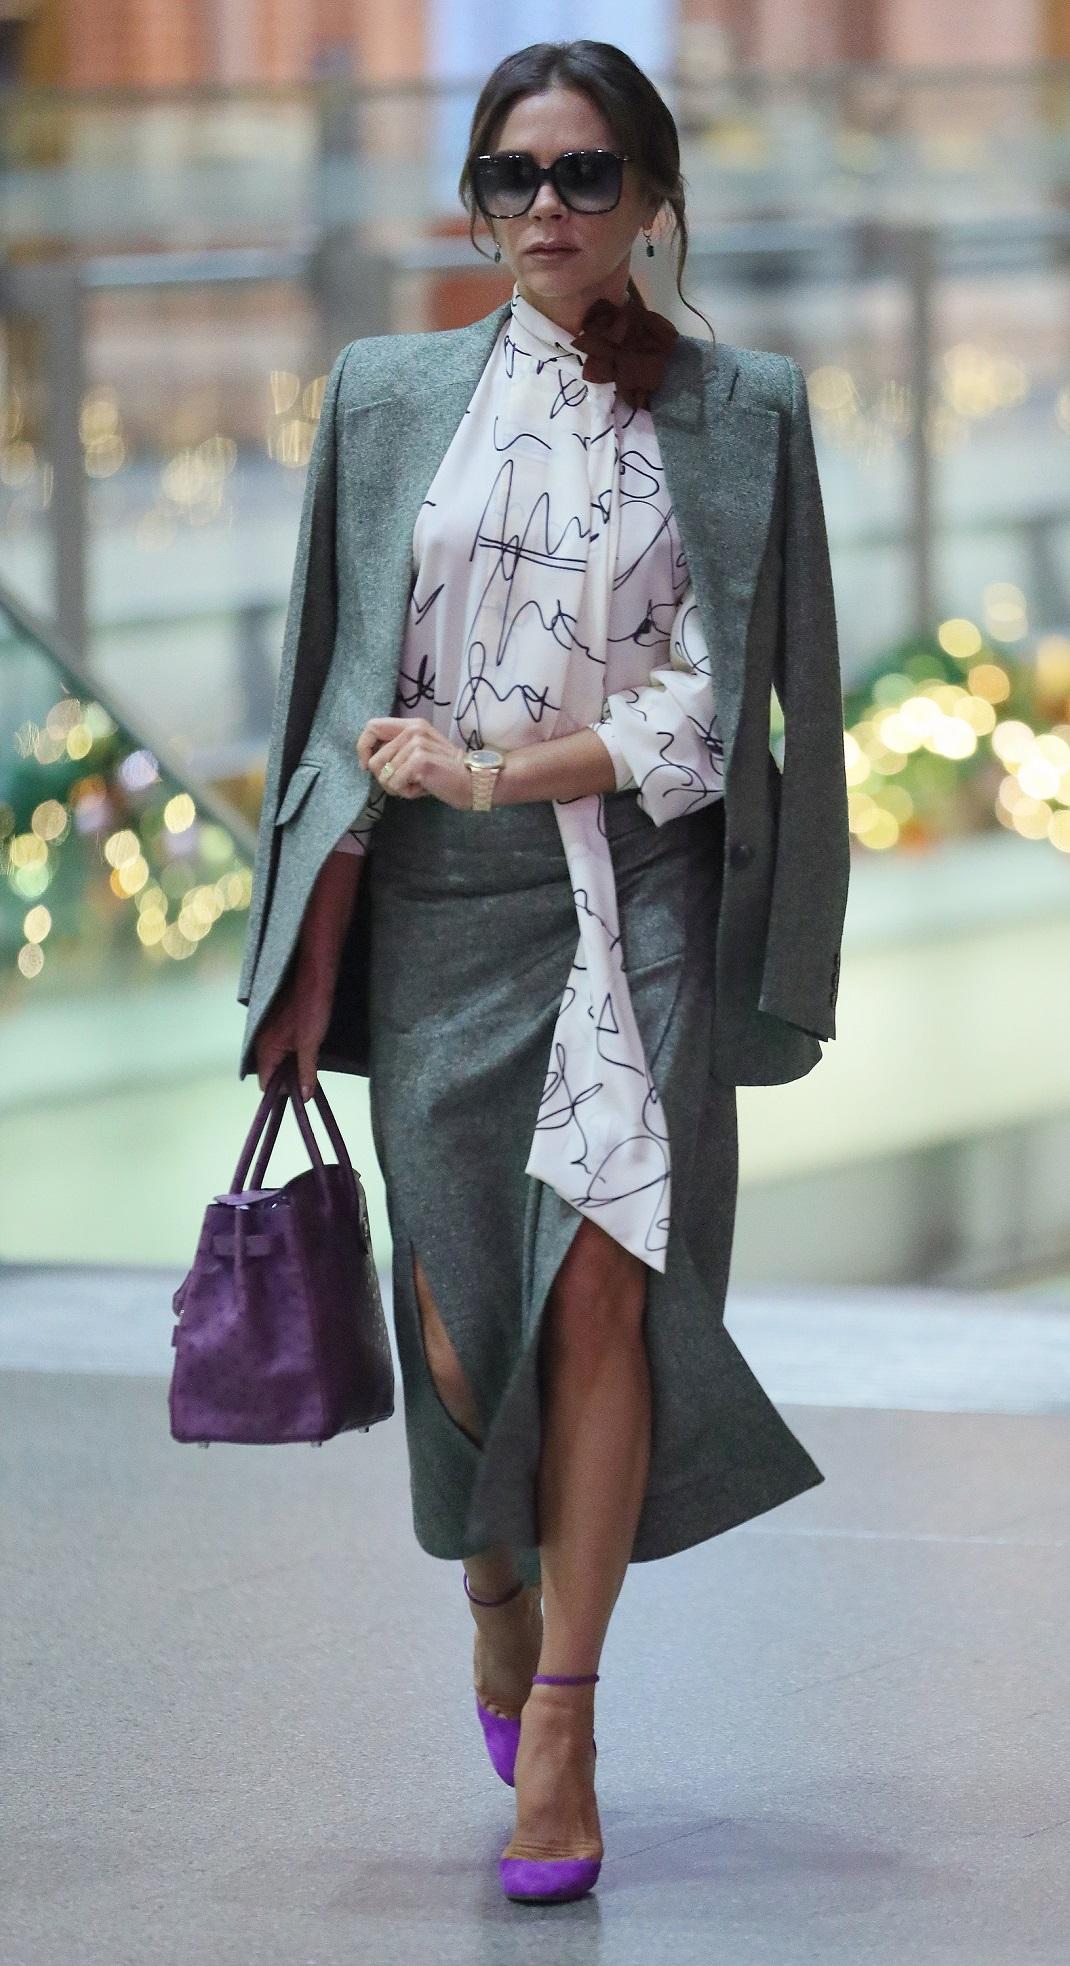 Η Βικτόρια Μπέκαμ περπατάει και φορά ταγέρ με φούστα